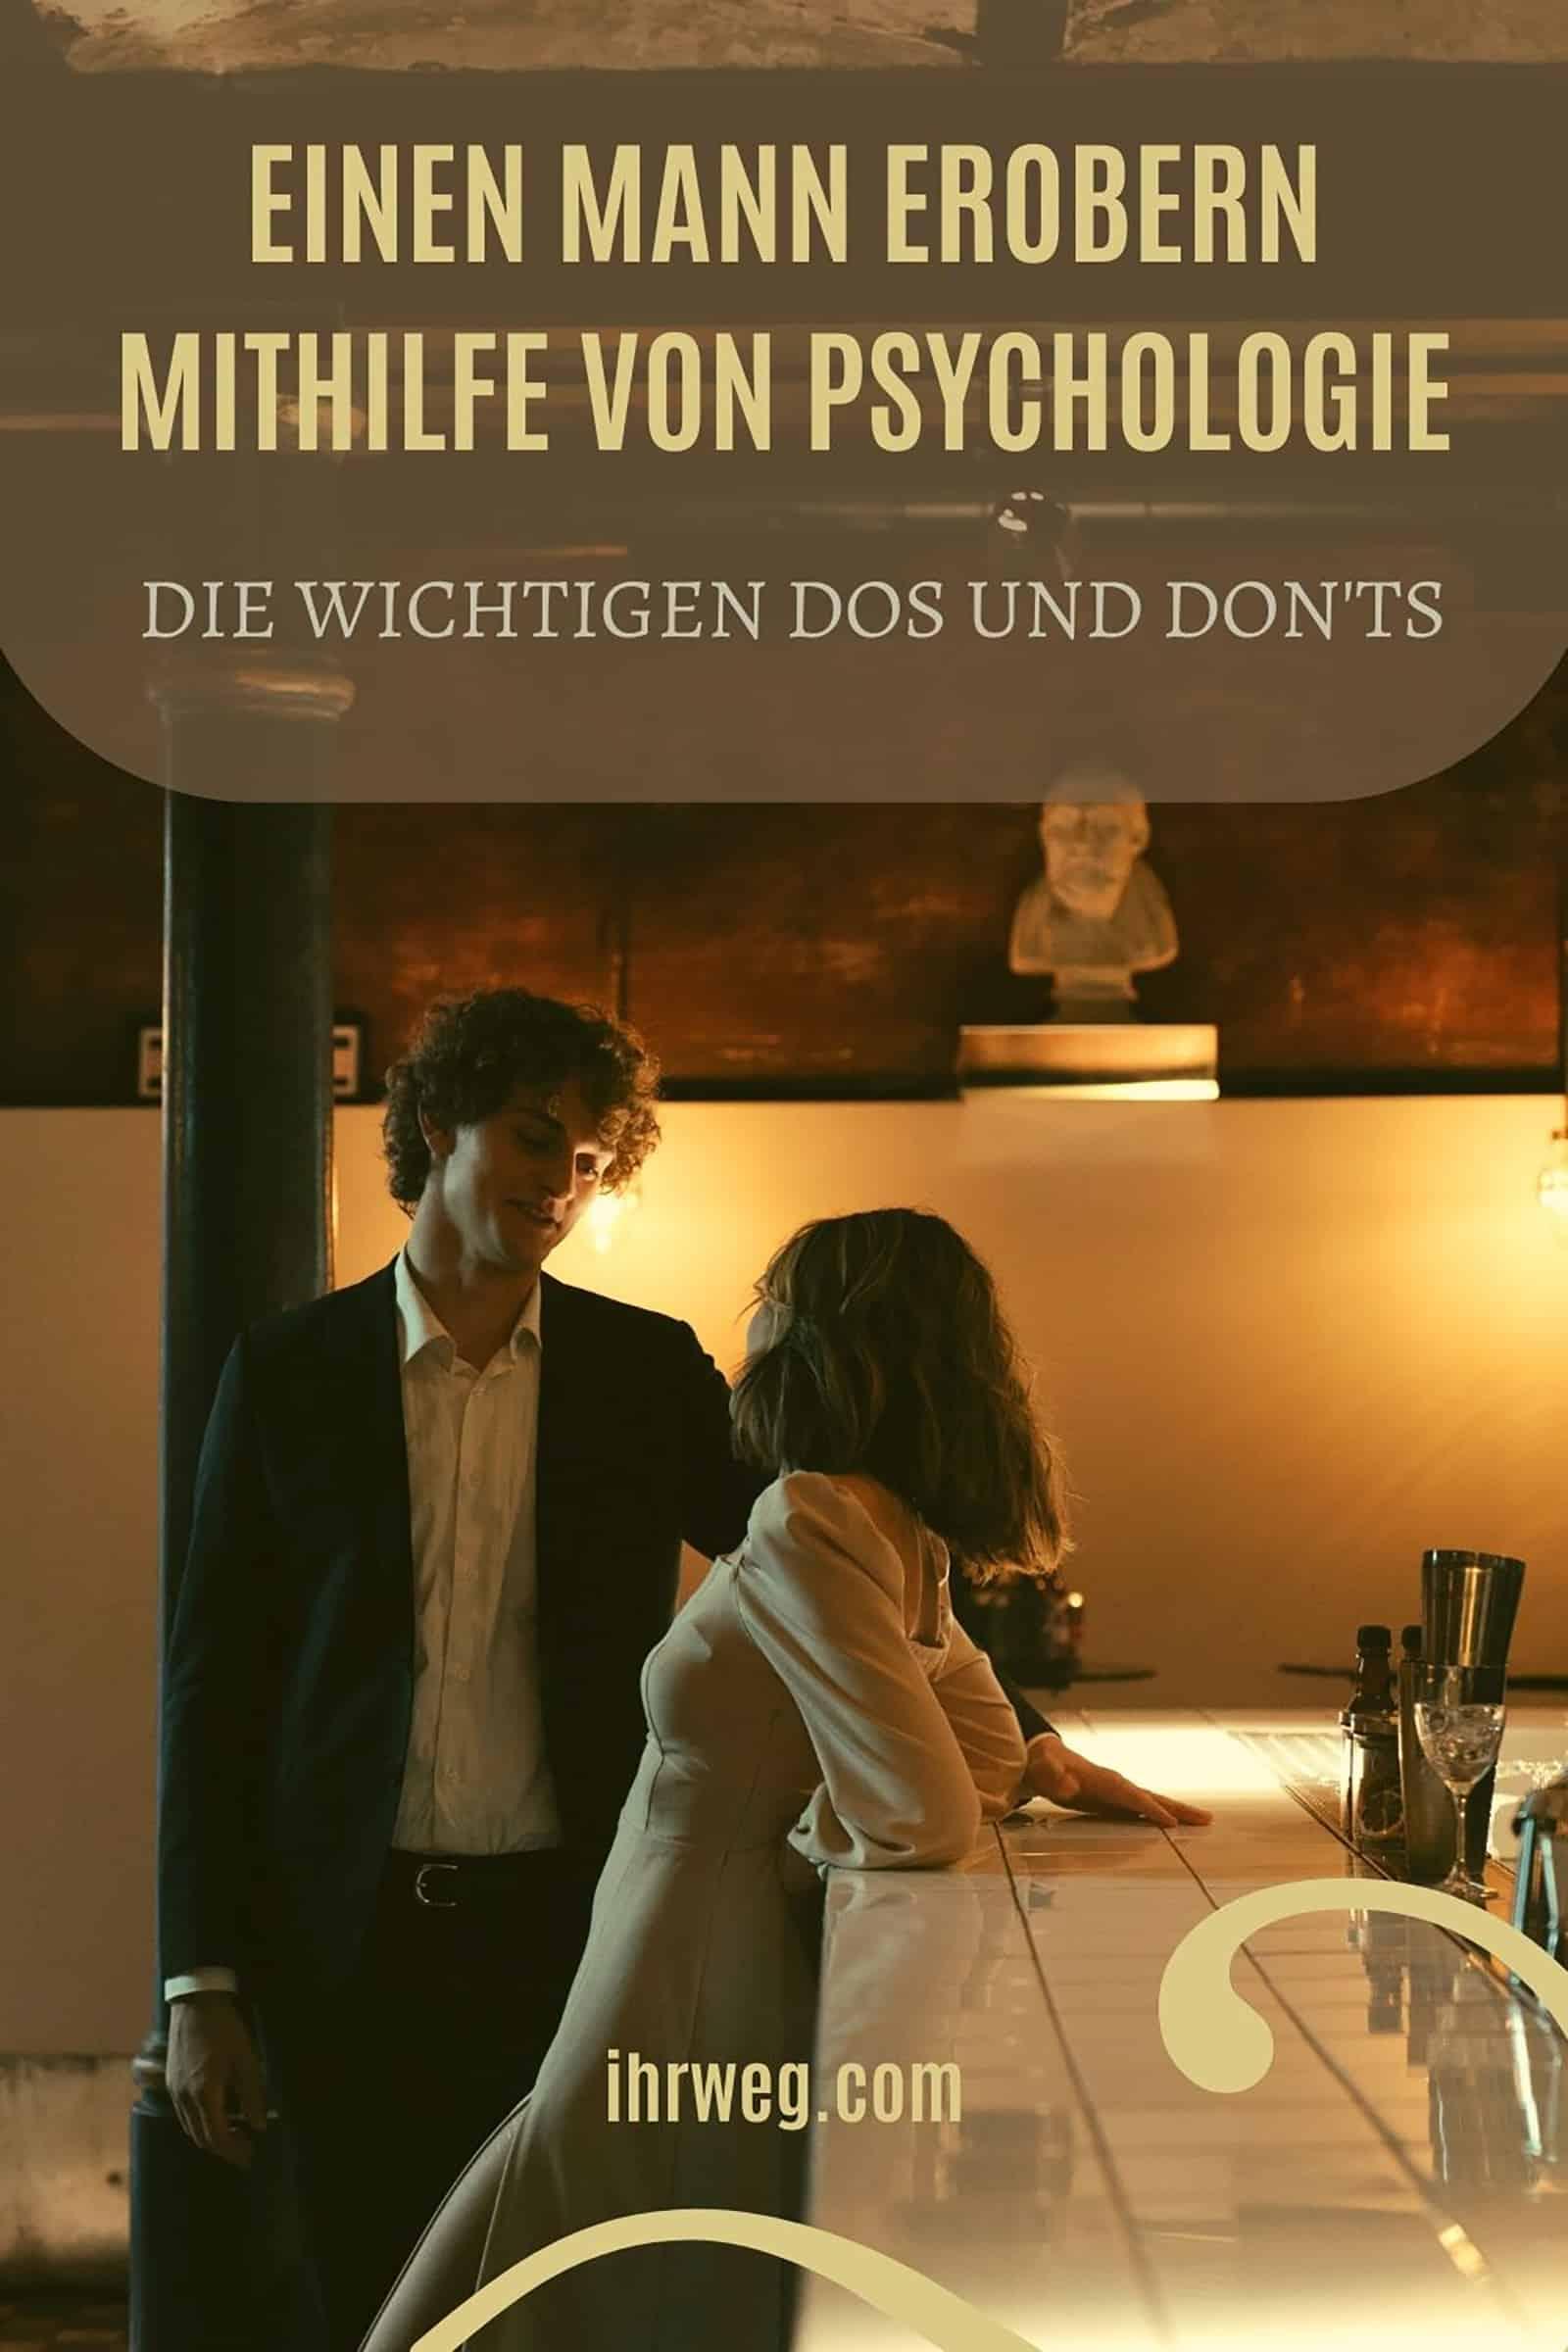 Einen Mann Erobern Mithilfe Von Psychologie Die Wichtigen Dos Und Don'ts